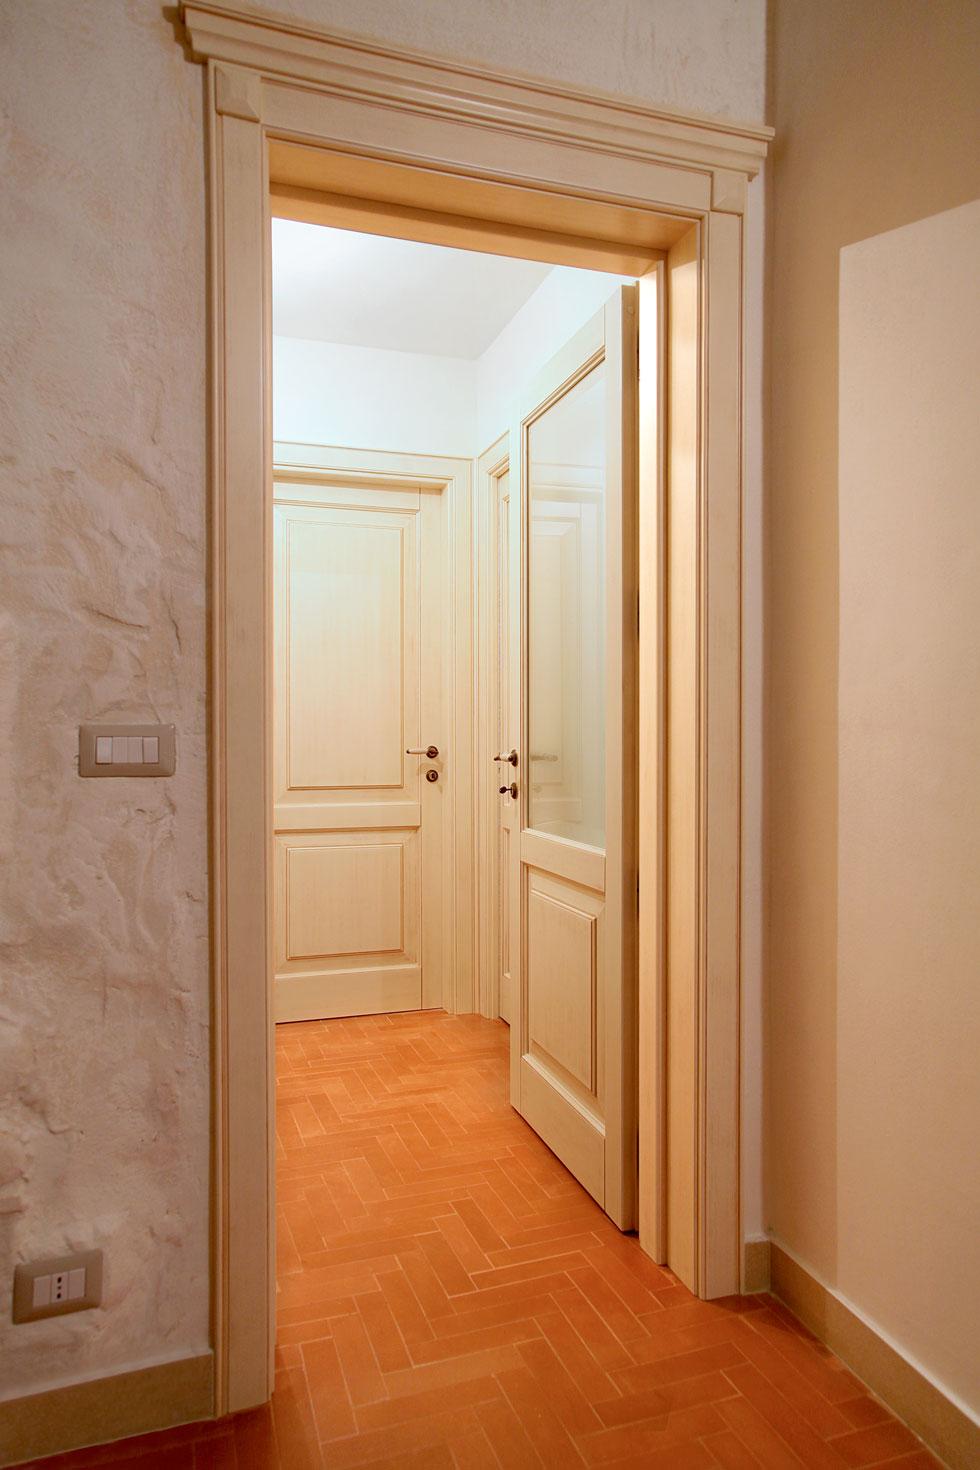 Arche 39 ambienti particolare mostrine e cimasa con capitello - Porte decorate antiche ...